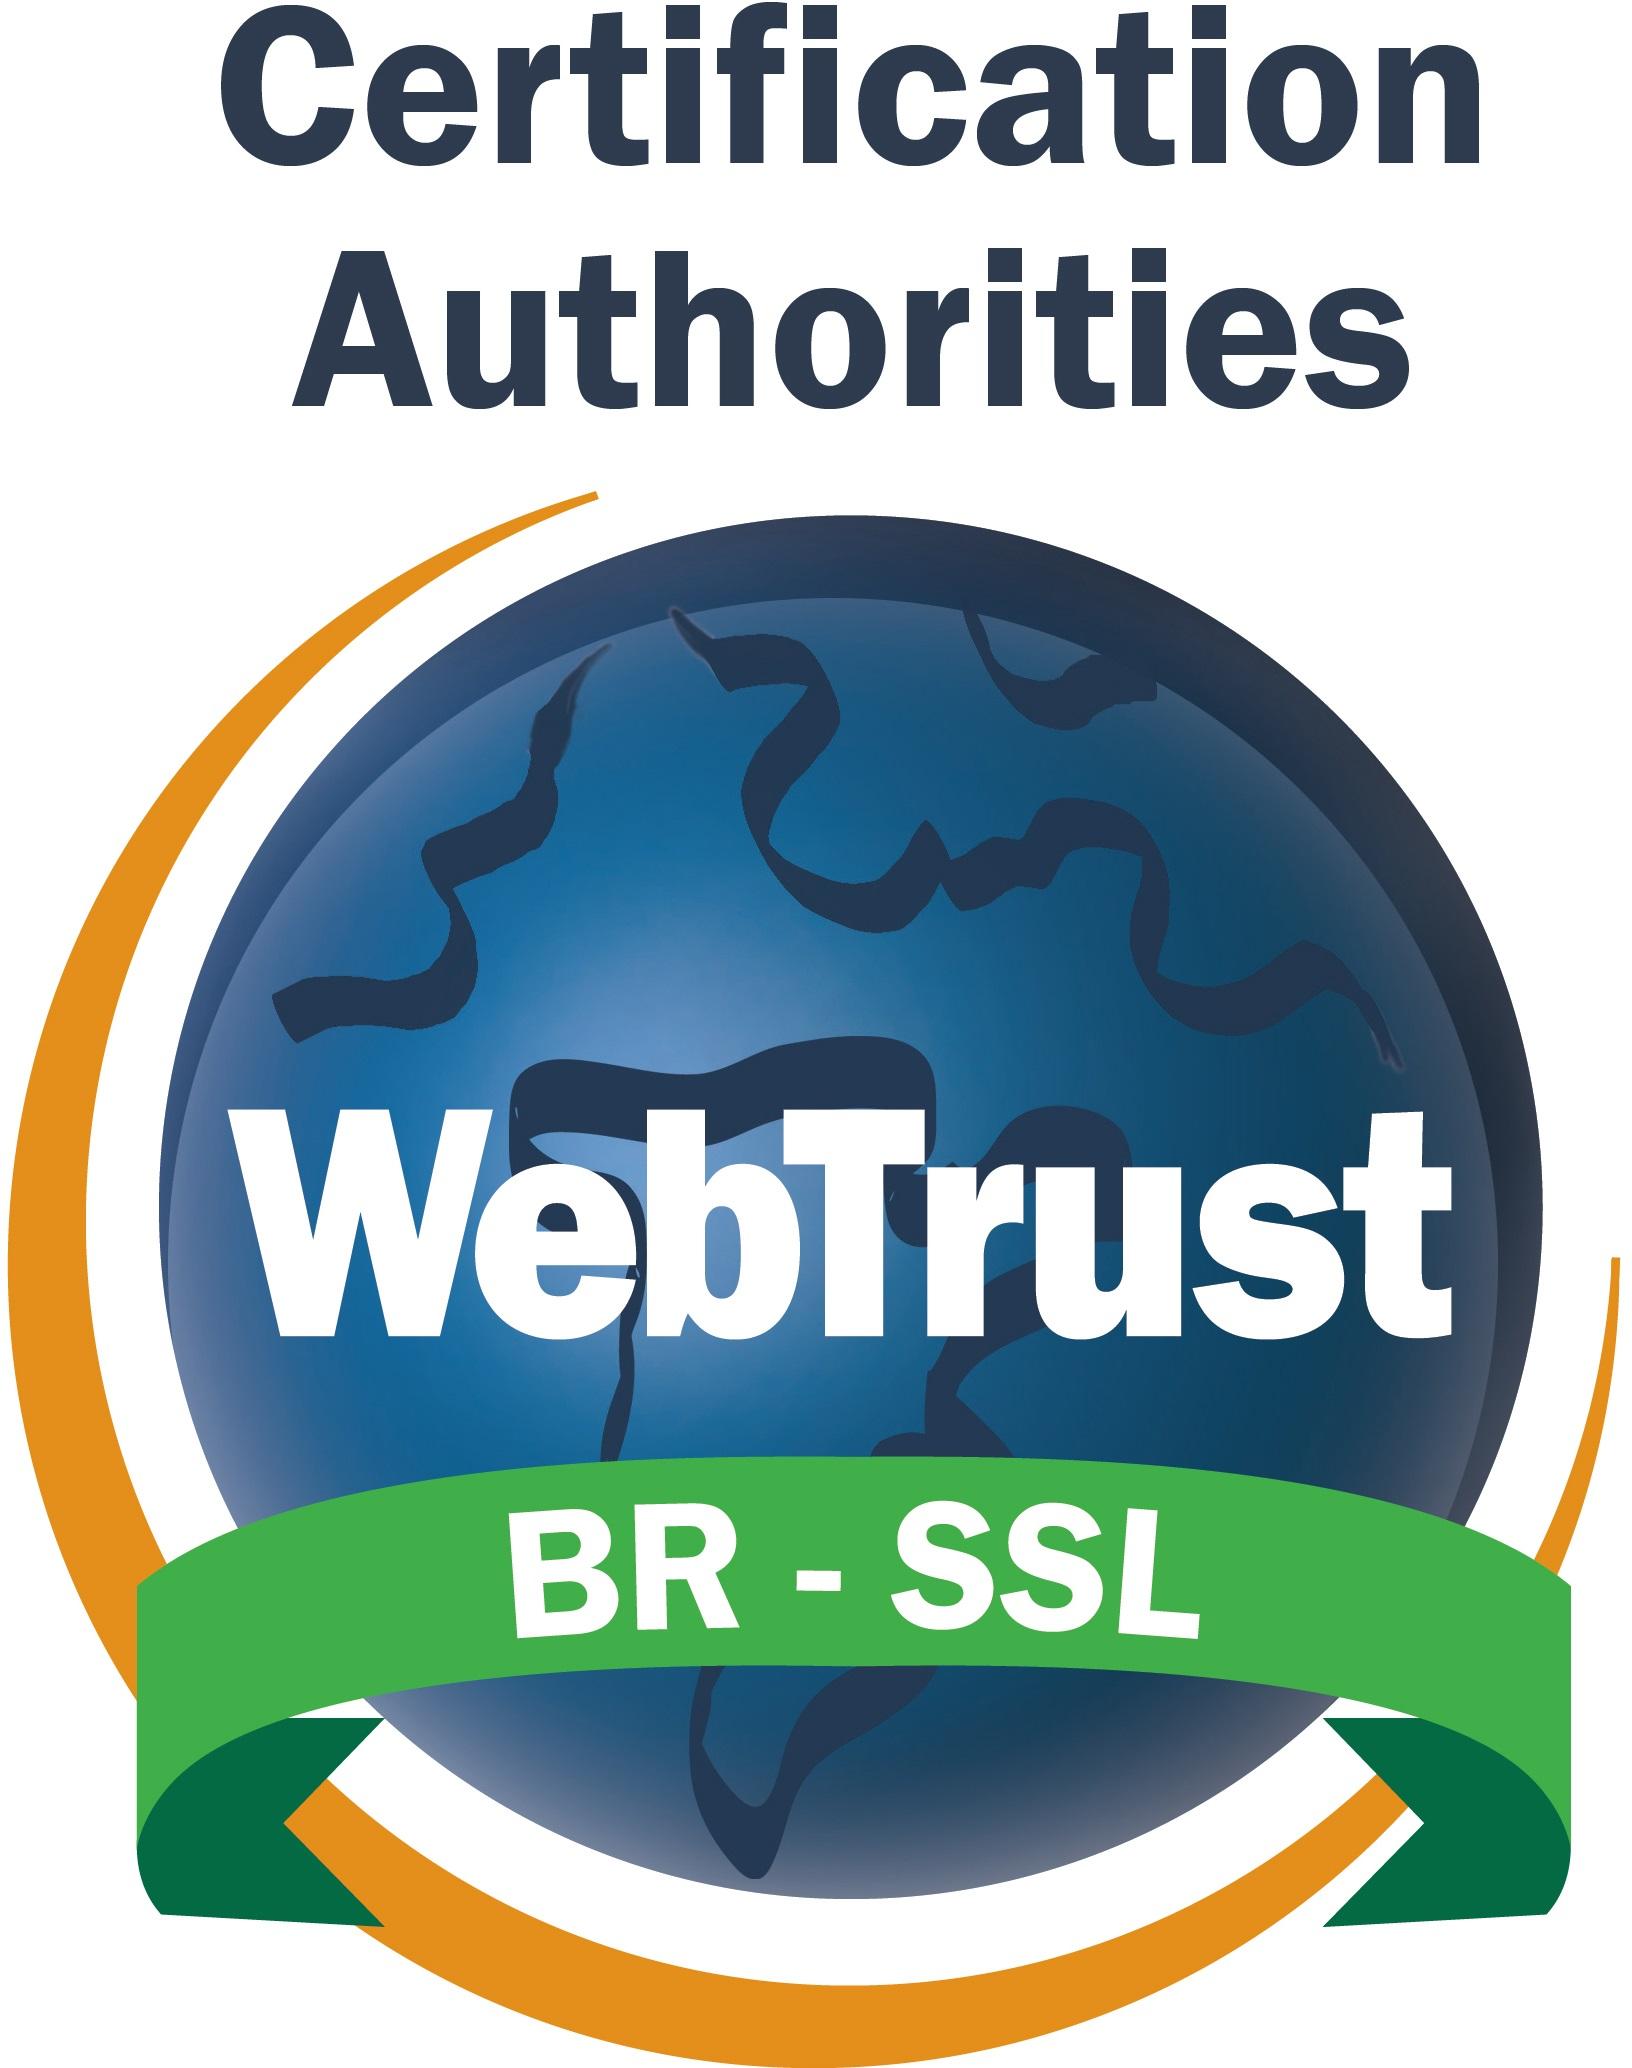 WebTrust_BR-SSL